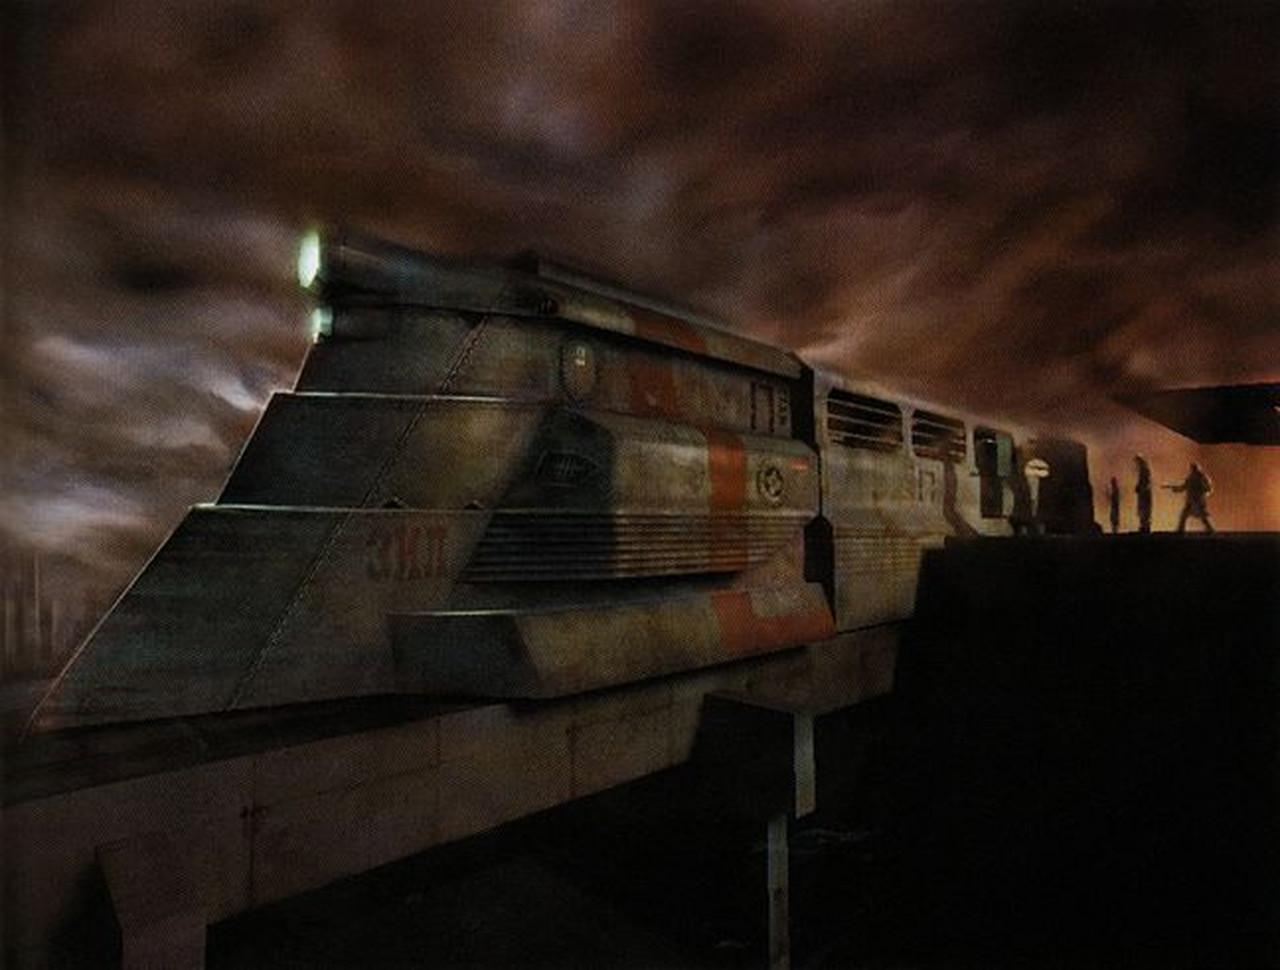 Konzeptzeichnung eines Razor Train. Am Kopf des Zuges ist ein drei Zeichen langes Wort zu lesen: es ist der Name eines russischen Lokomotivenkonstrukteurs. (Bild: Half-Life 2: Raising the Bar)